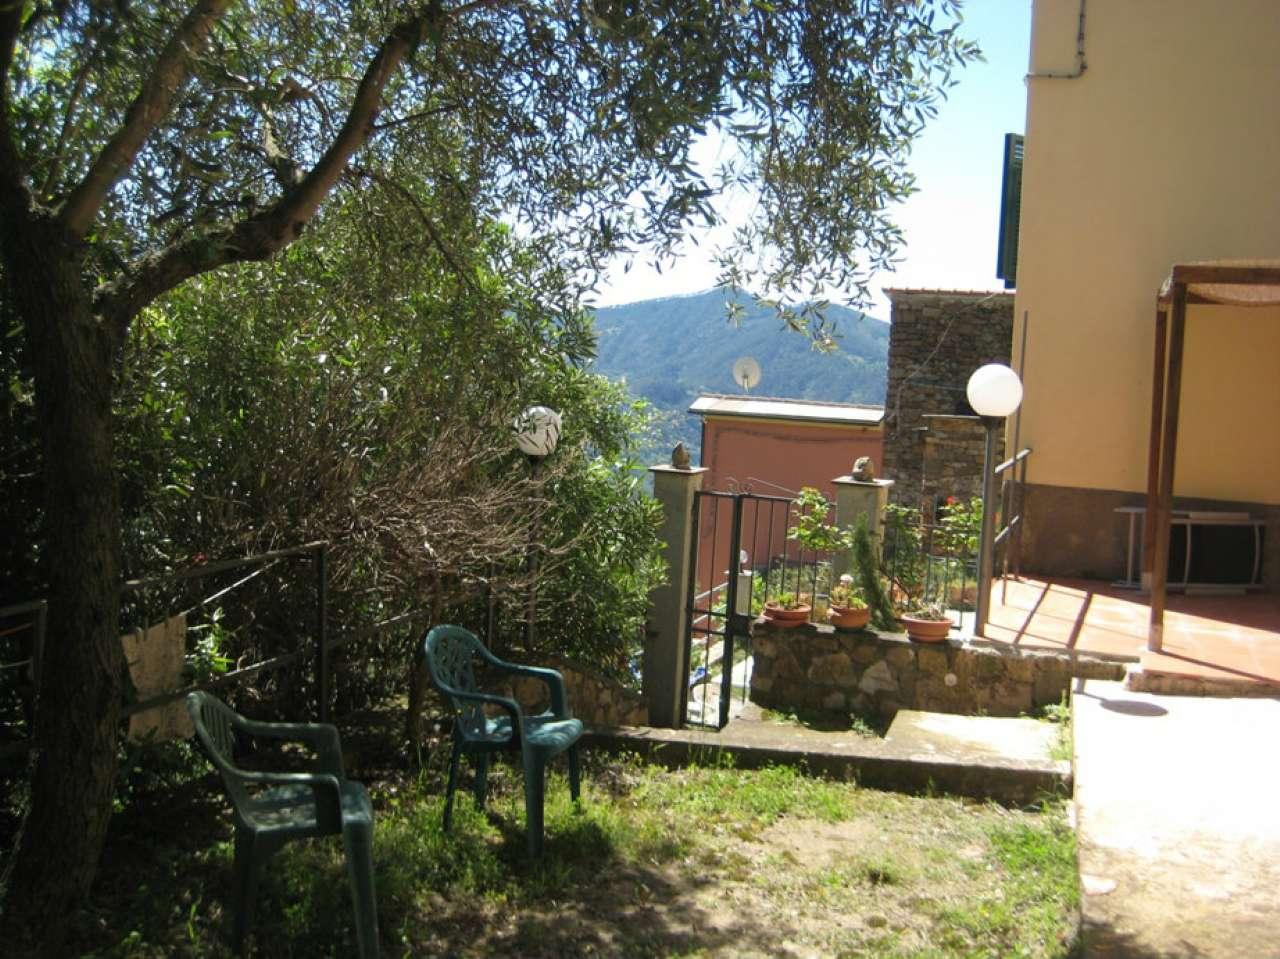 Appartamento in vendita a Levanto, 3 locali, prezzo € 140.000 | CambioCasa.it